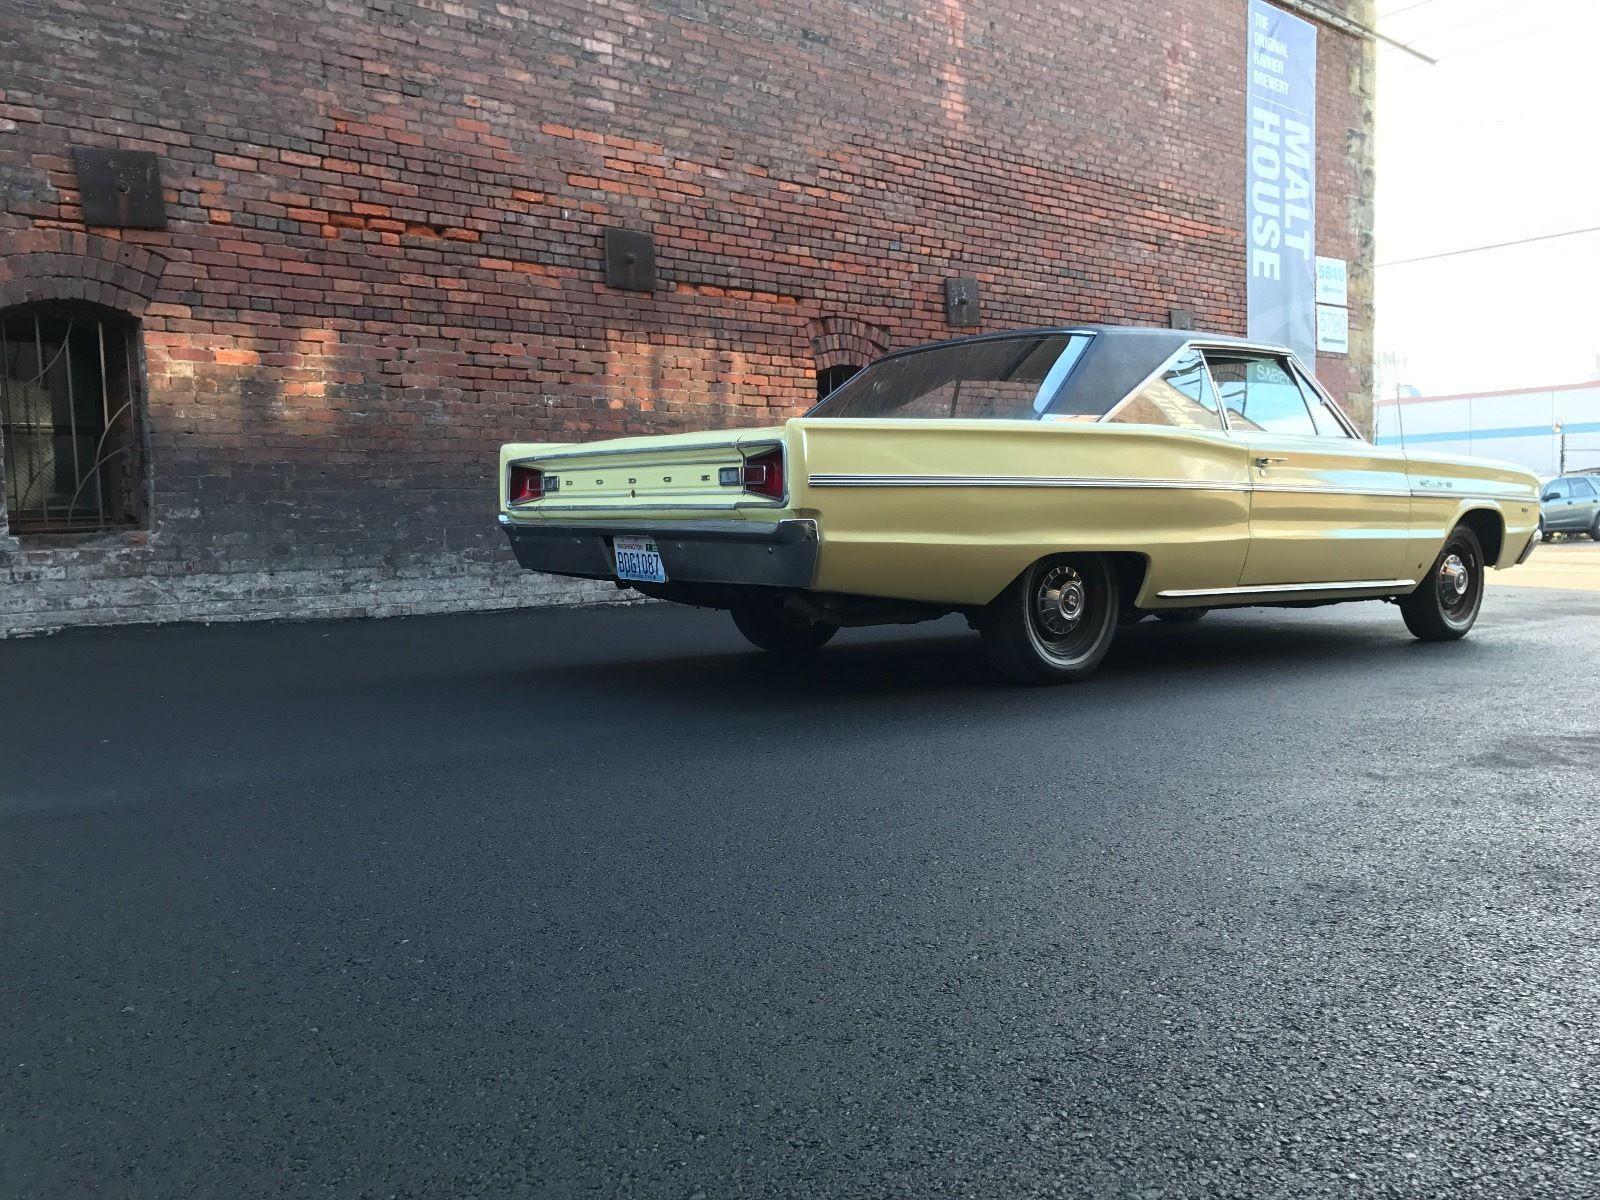 Details about 1966 Dodge Coronet 440 | Dodge | 1967 dodge coronet